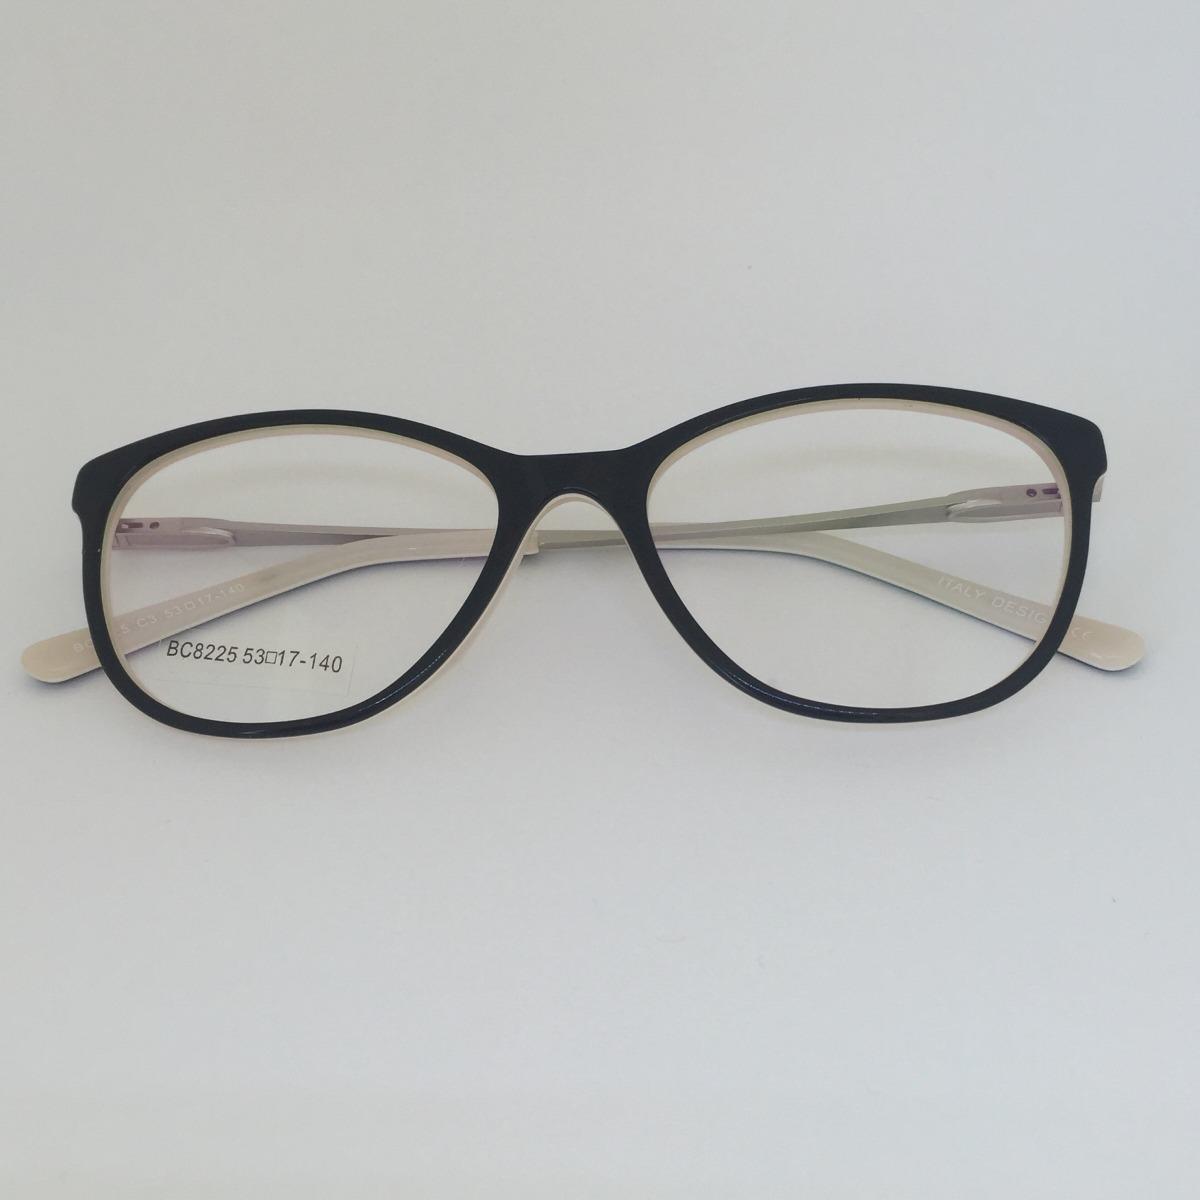 001582d83d009 armação estilo gatinho óculos de grau acetato metal 2018. Carregando zoom.